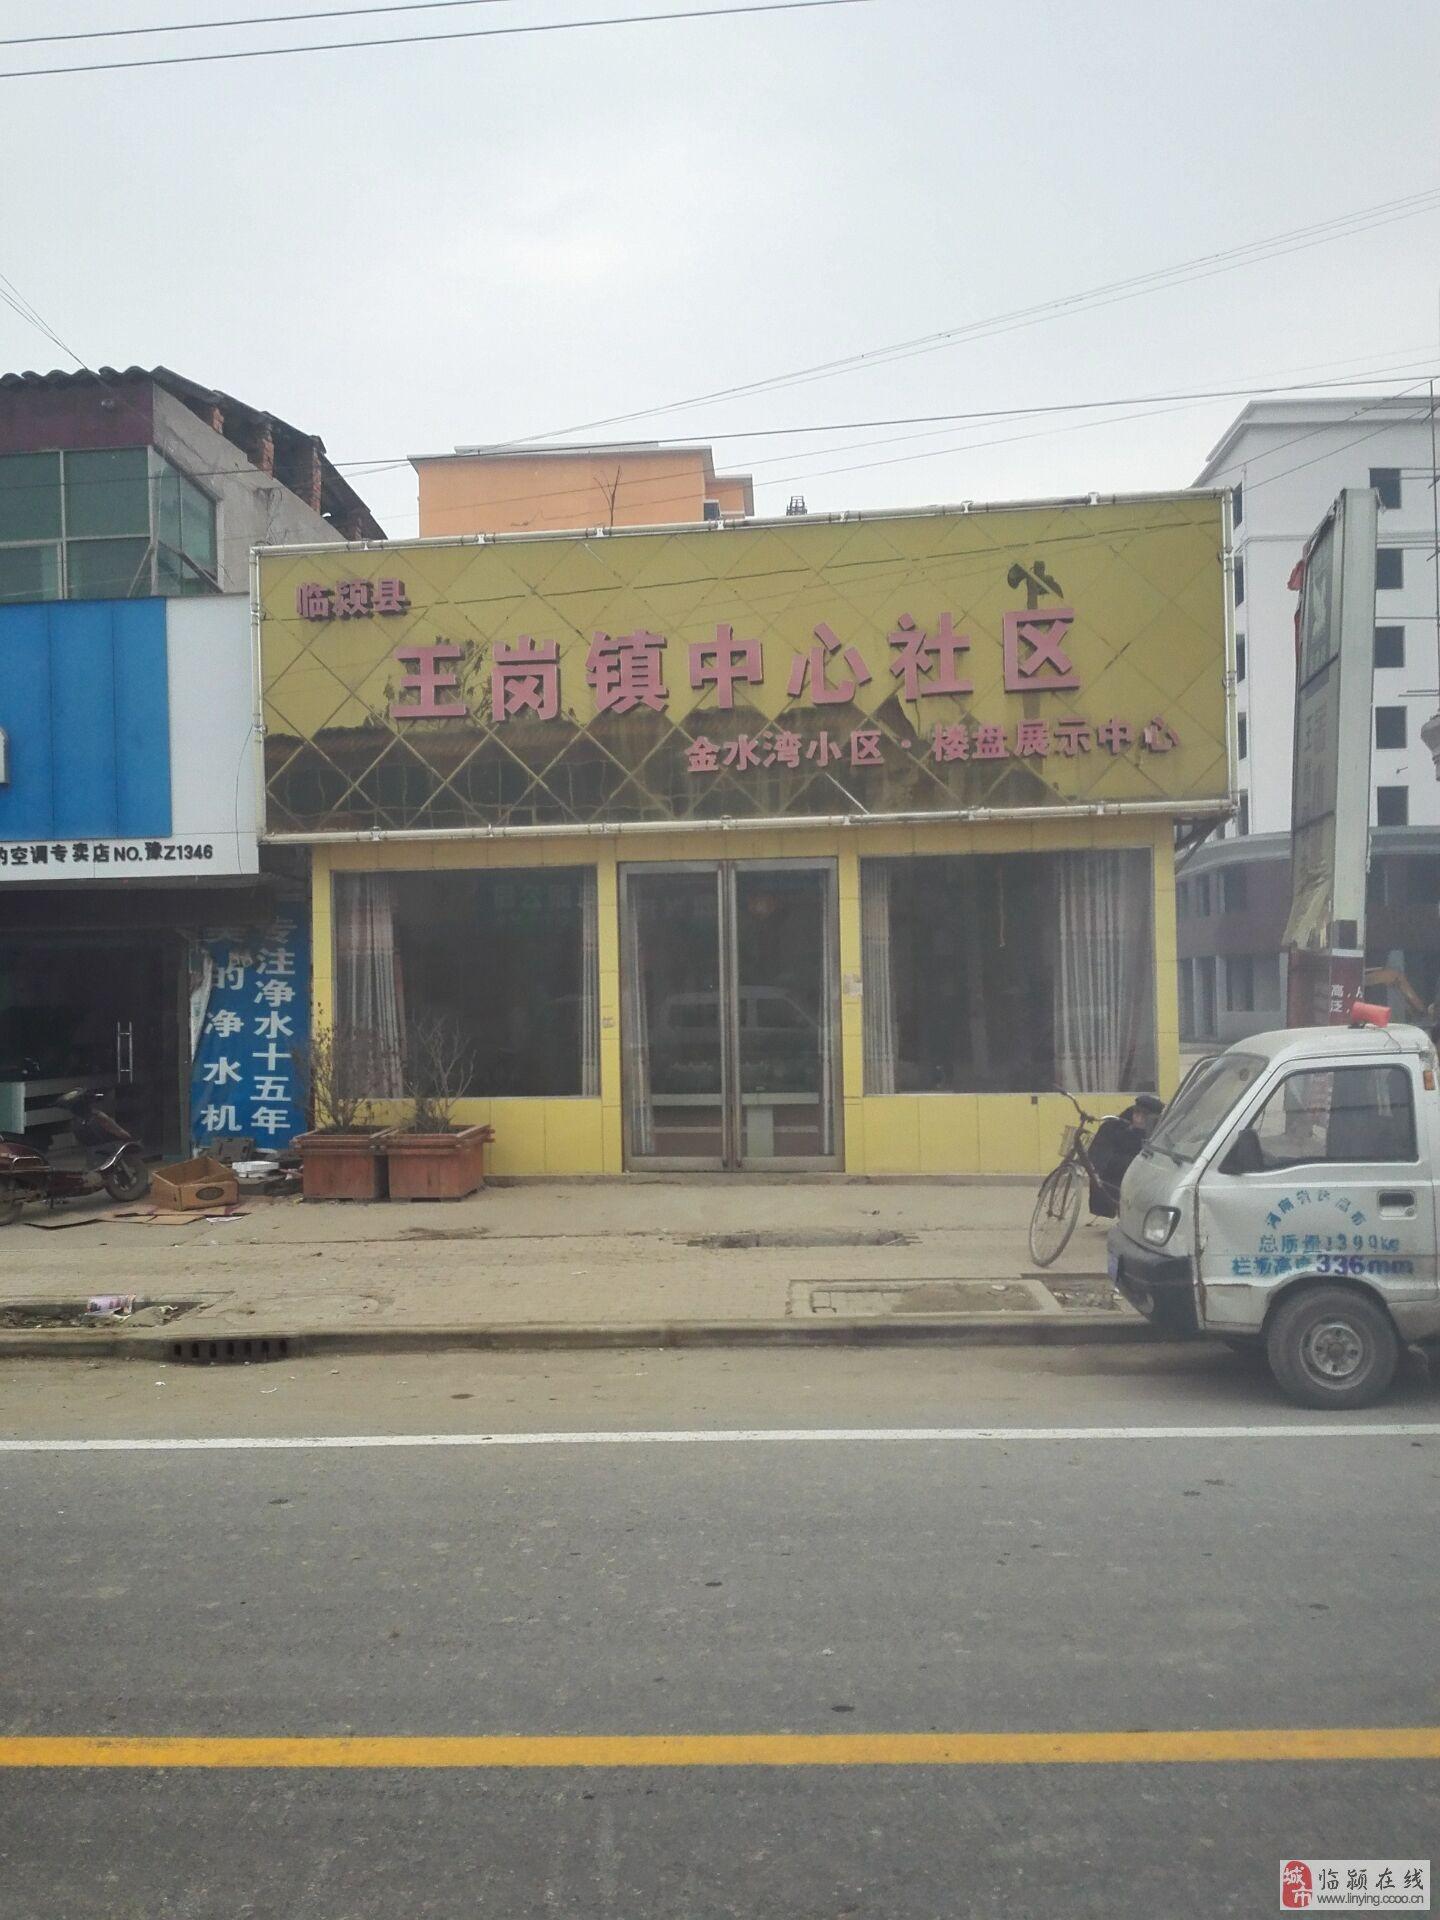 售王岗镇北村金水湾小区住宅房和门面房